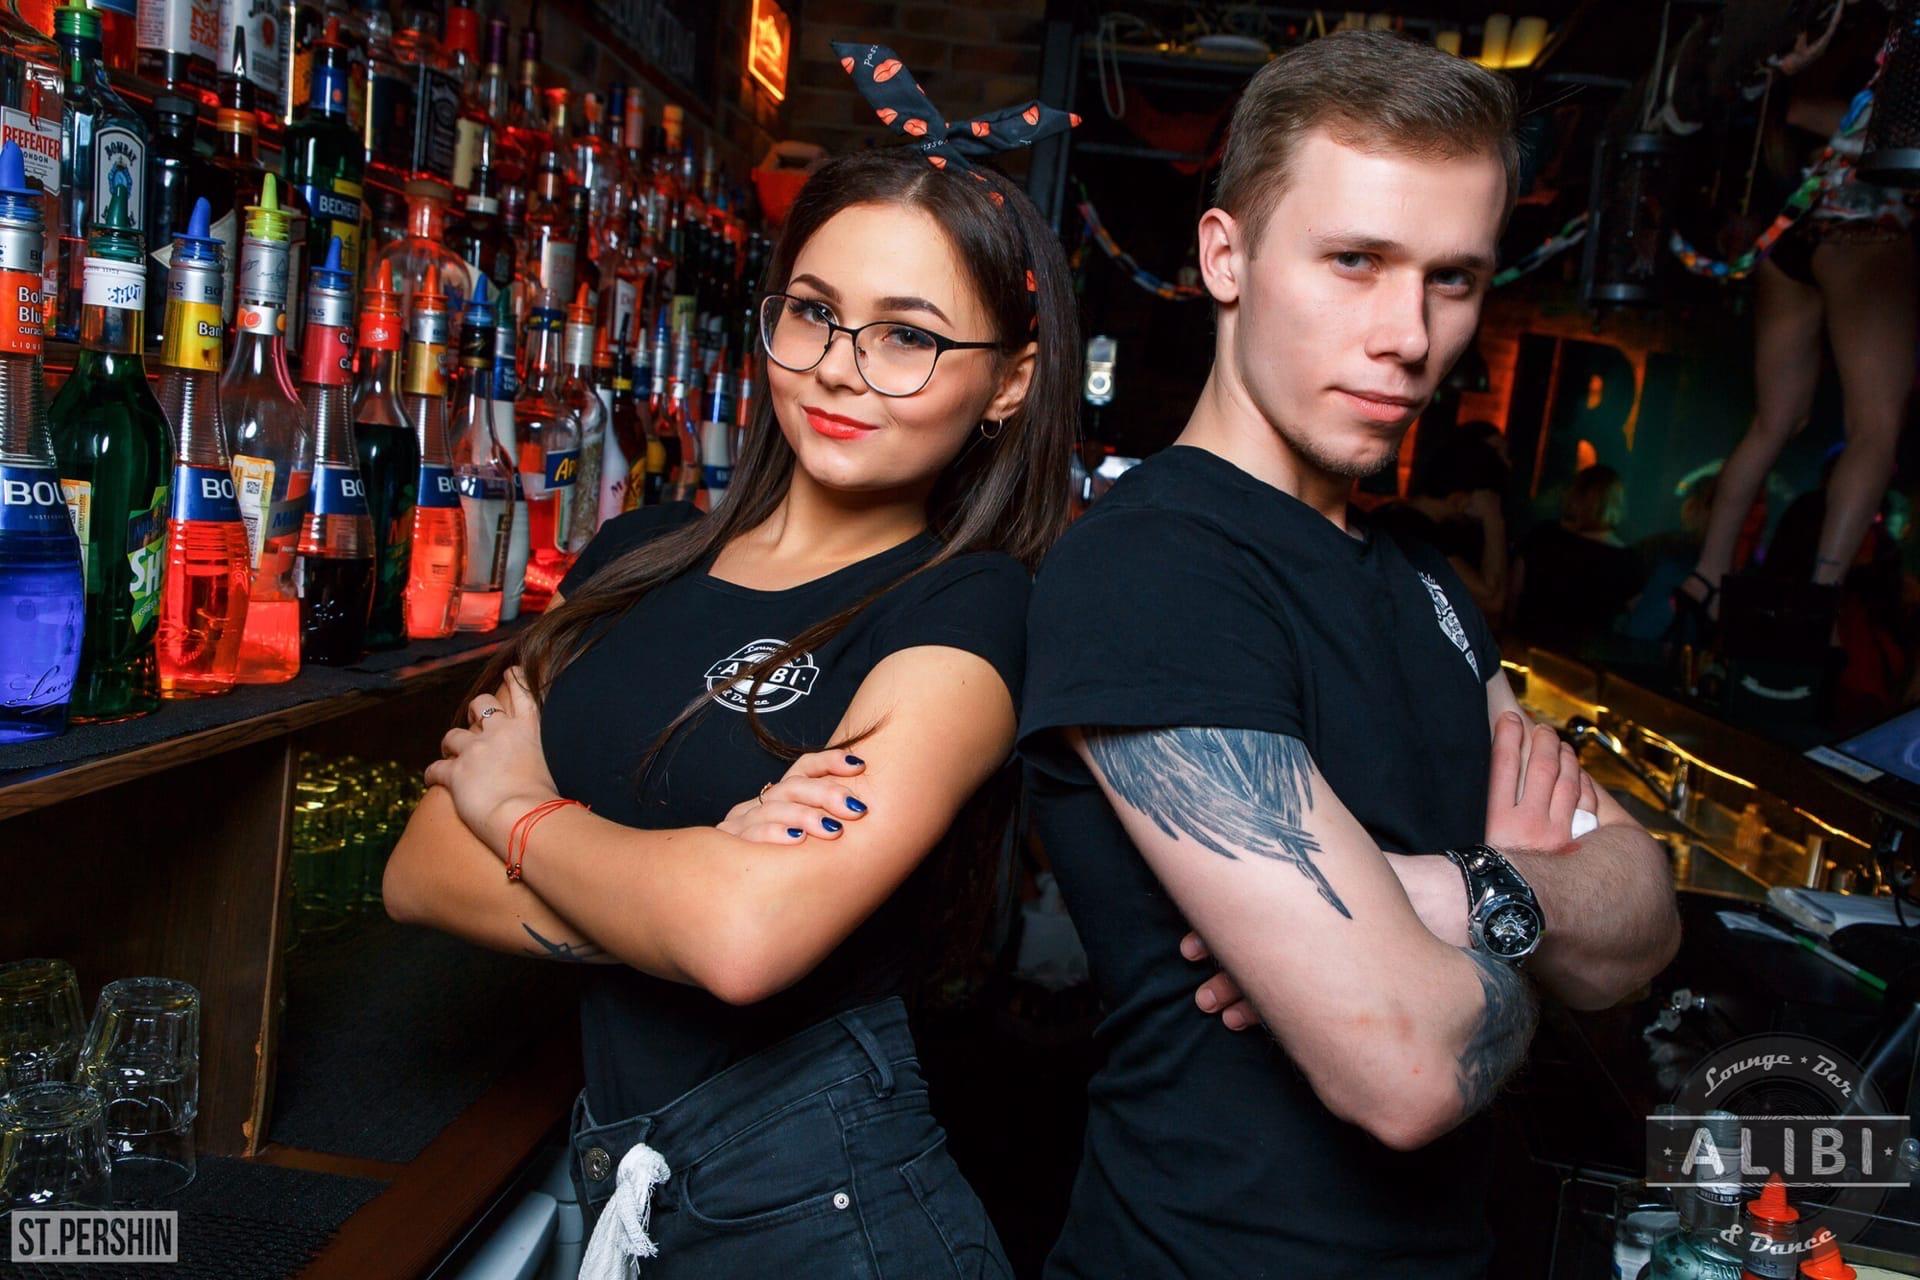 Ночной клуб алиби йошкар ола работа охрана в клубе ночном